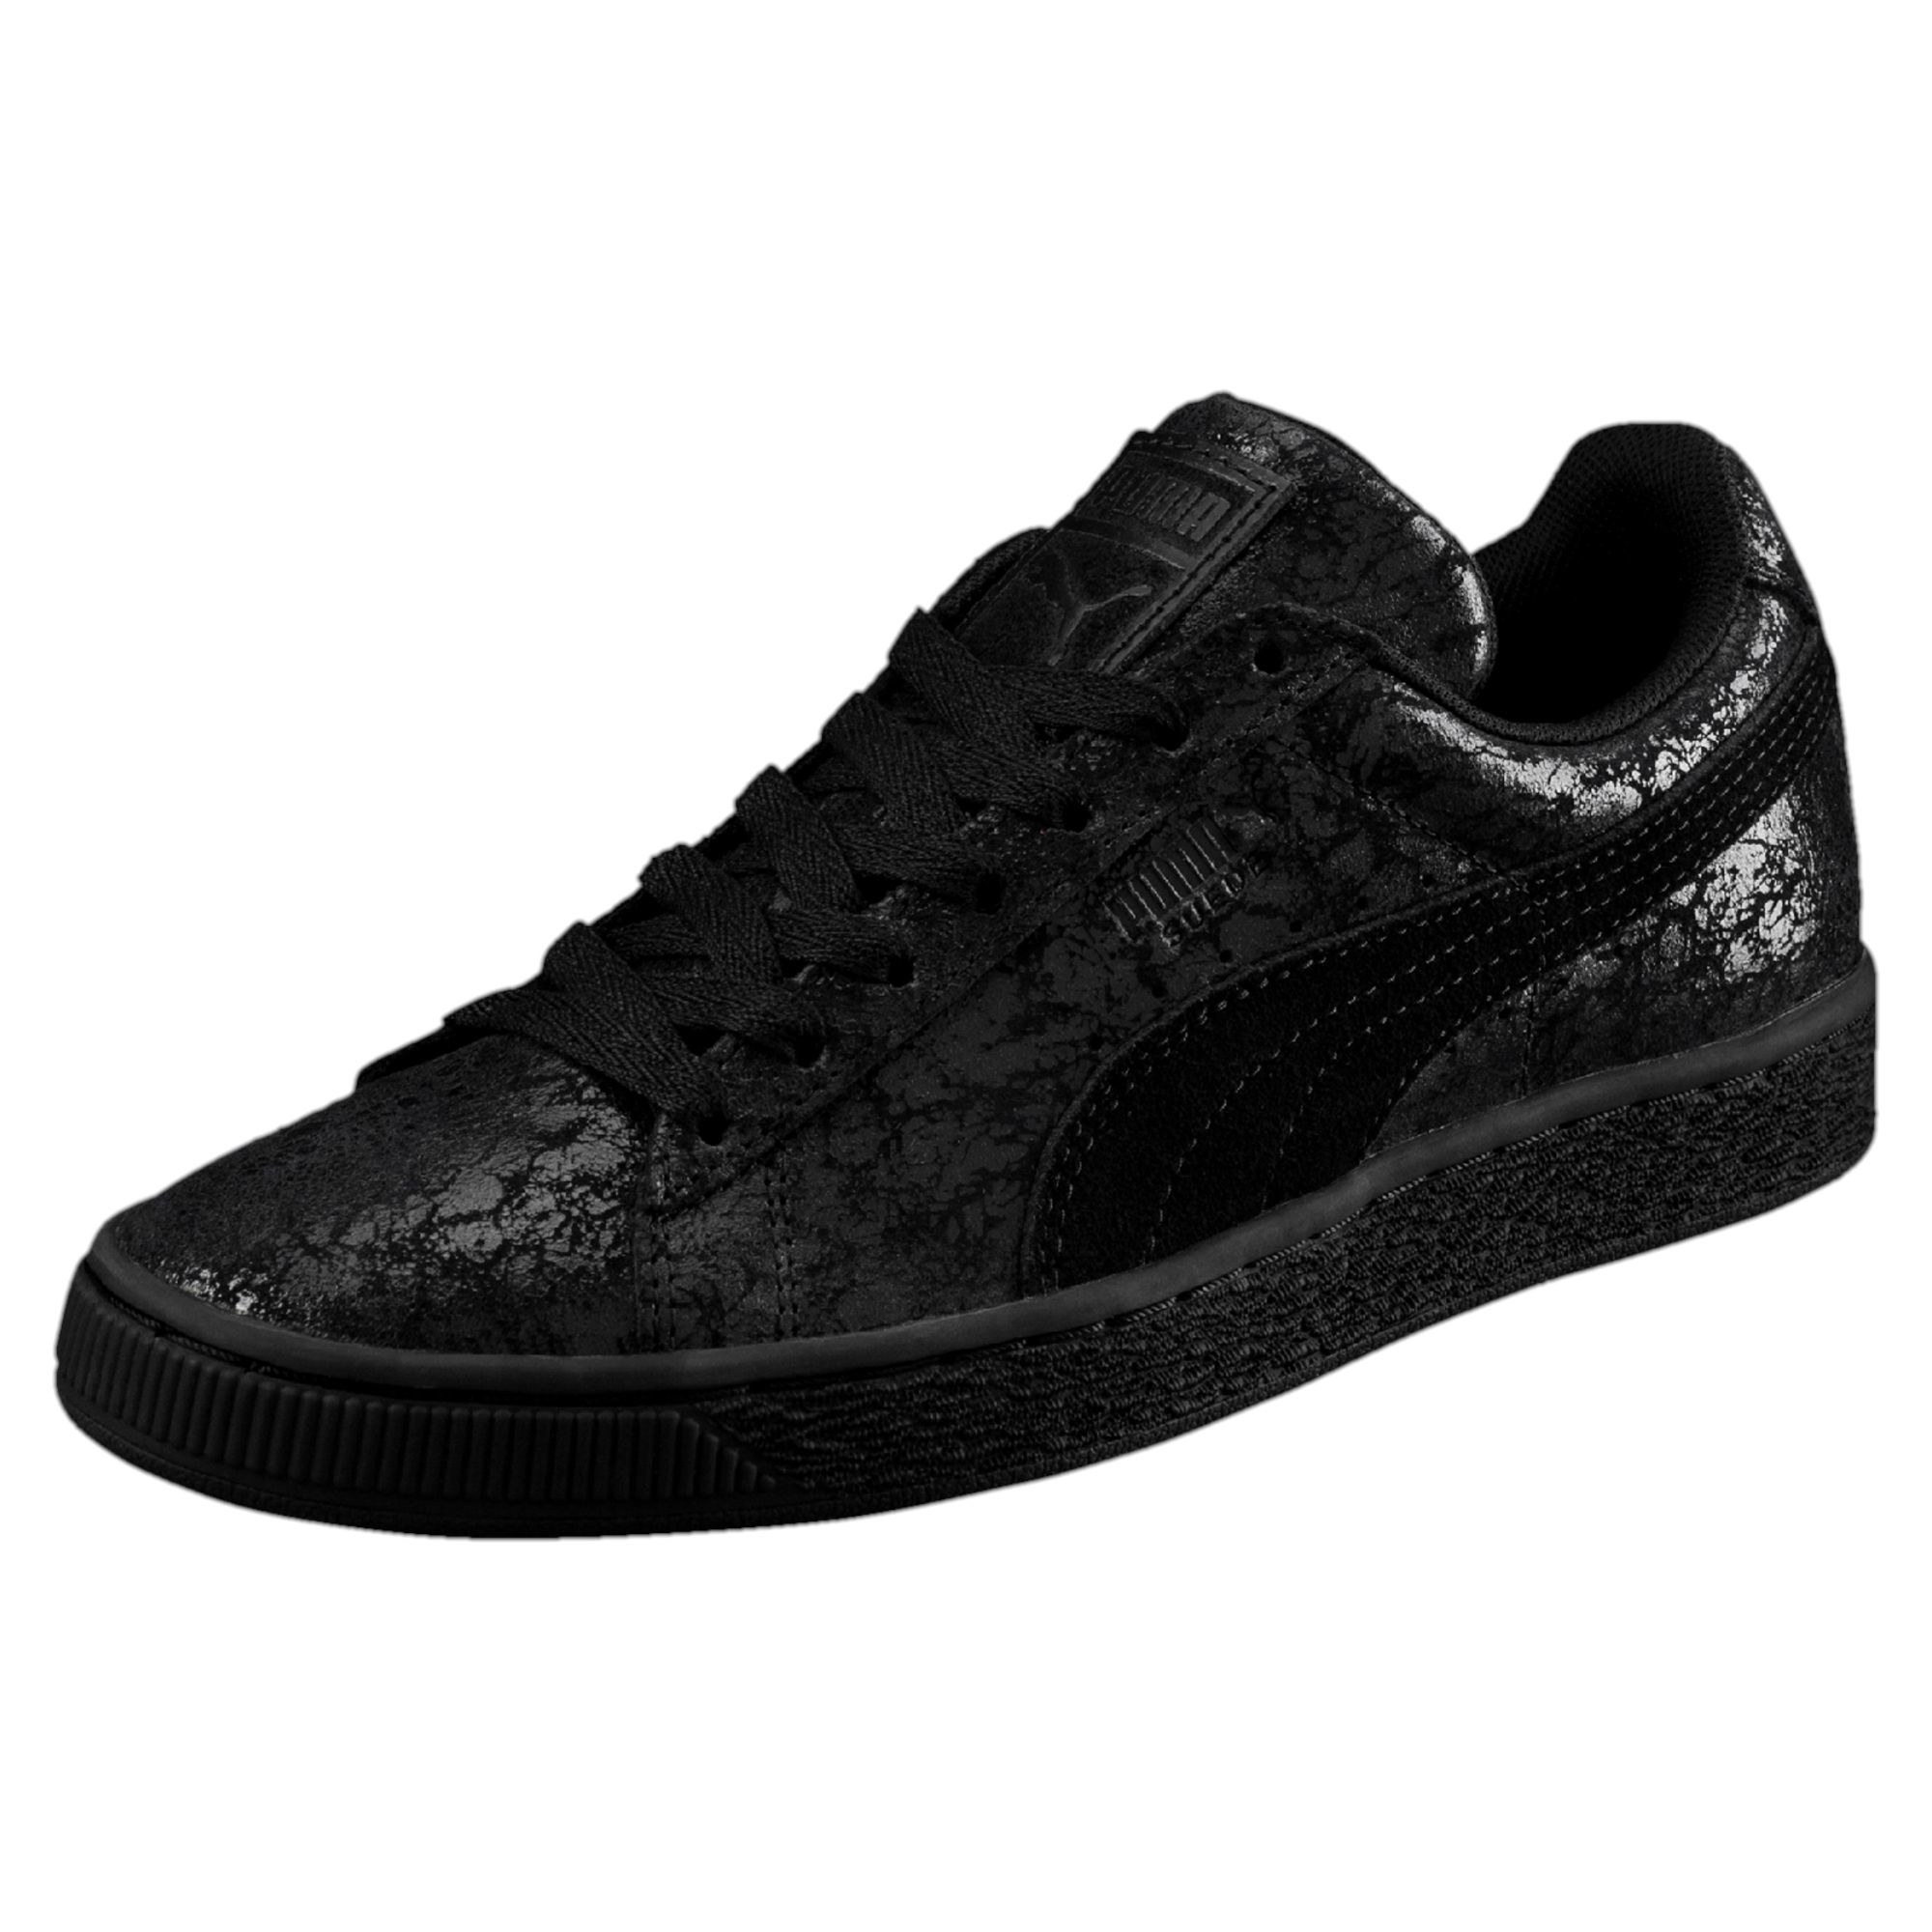 Puma Shoes Lace Black